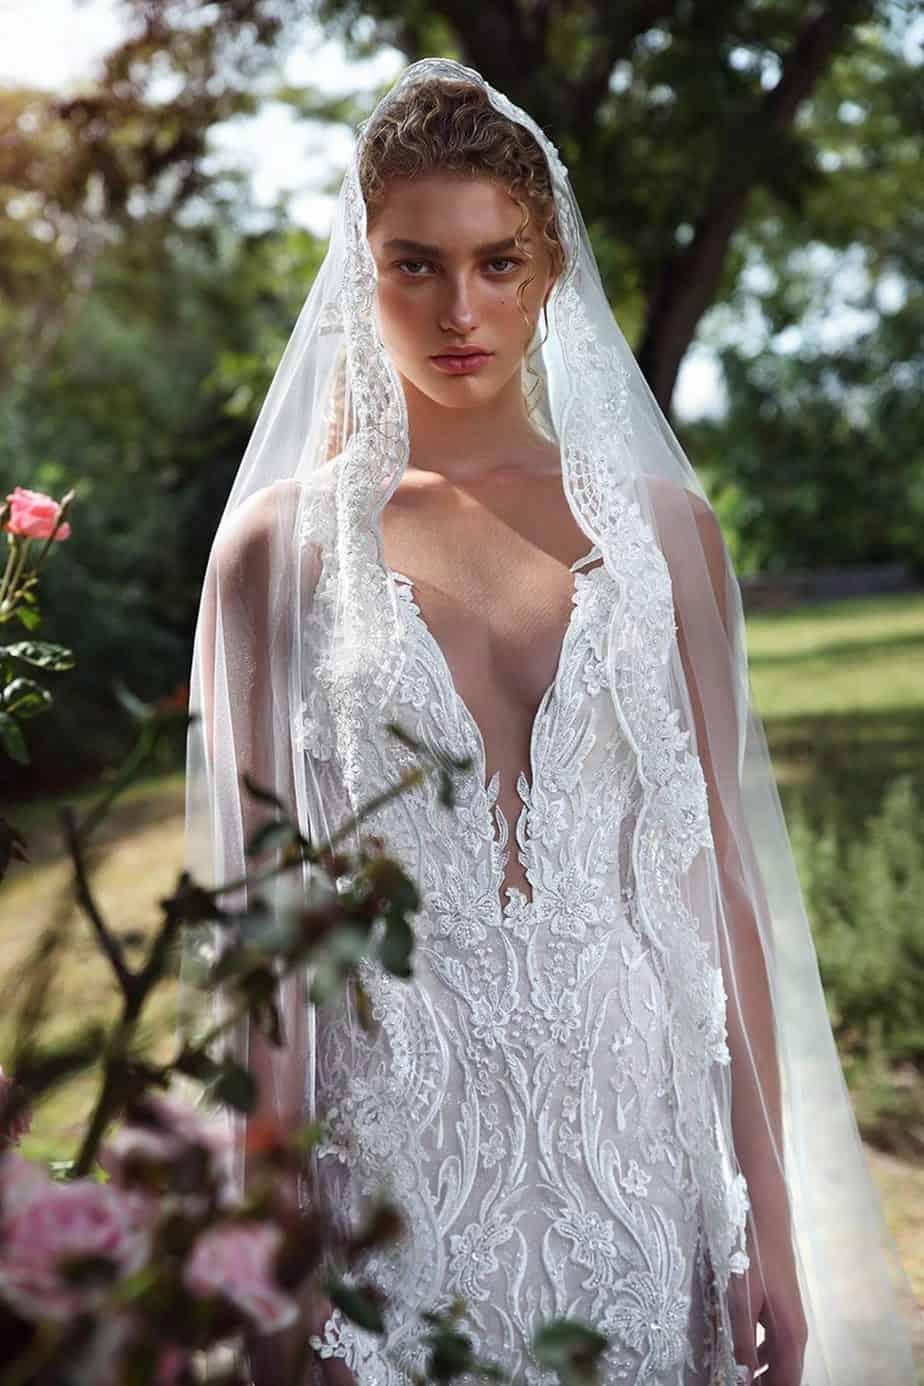 דורית ריבליס, גליה להב שמלות כלה, קולקצית גאלה חורף 19 צילום איל נבו (19)